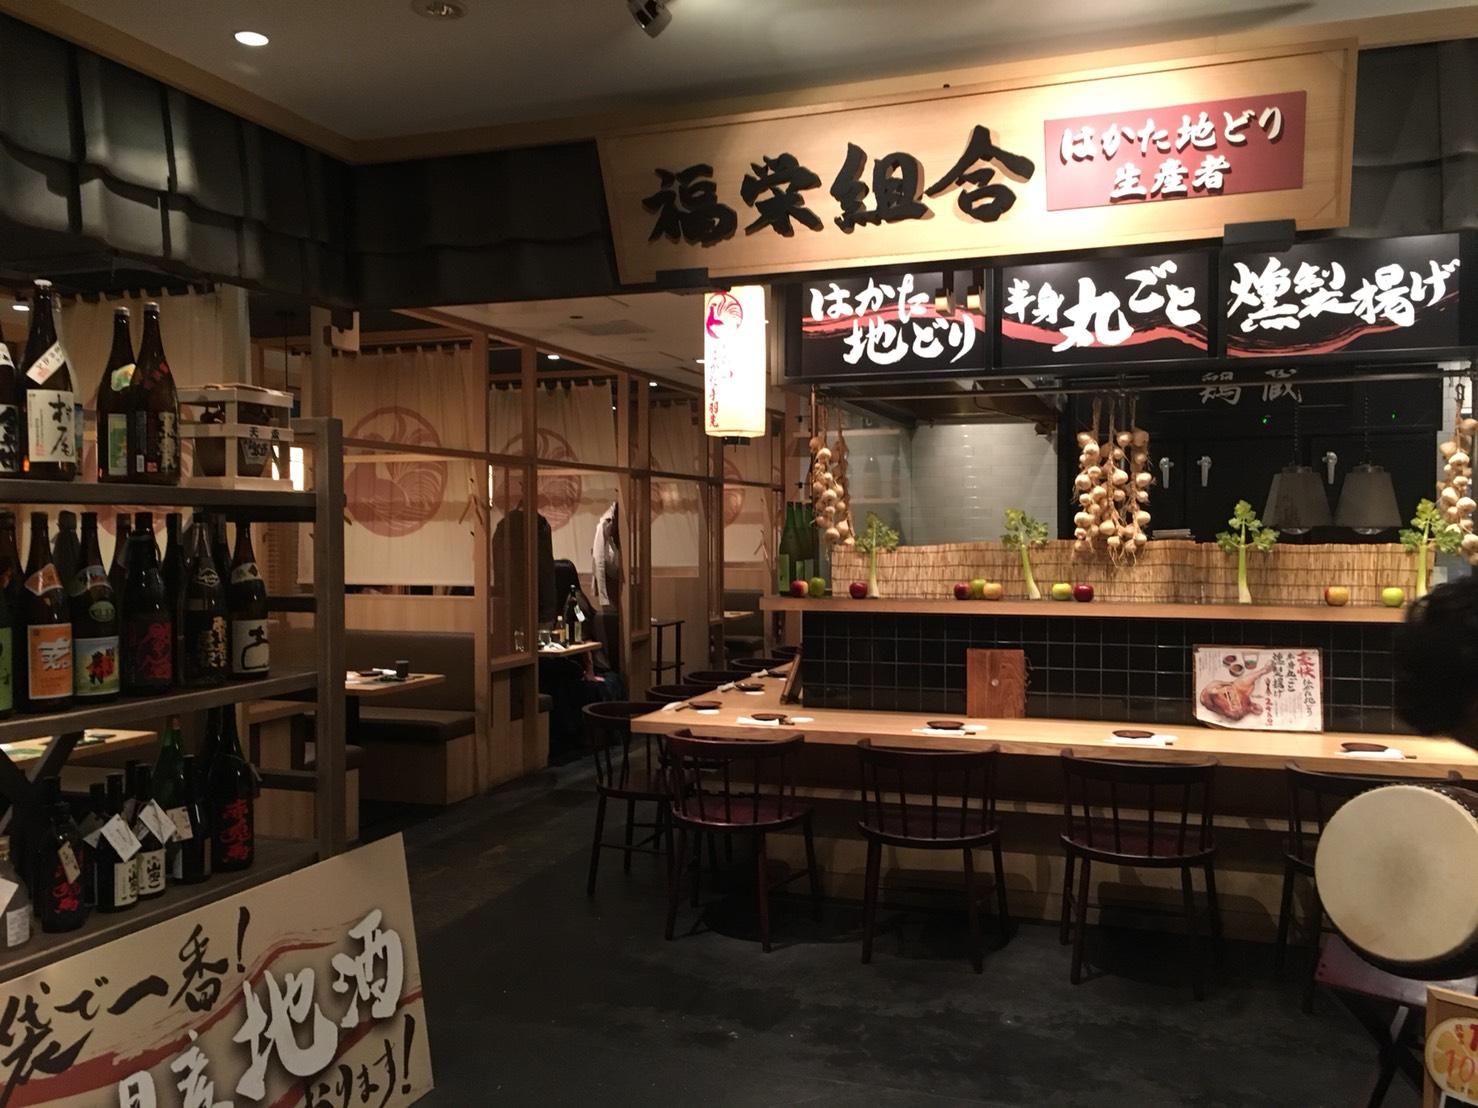 【池袋駅】大宴会もできる!九州料理の「福栄組合 池袋店」